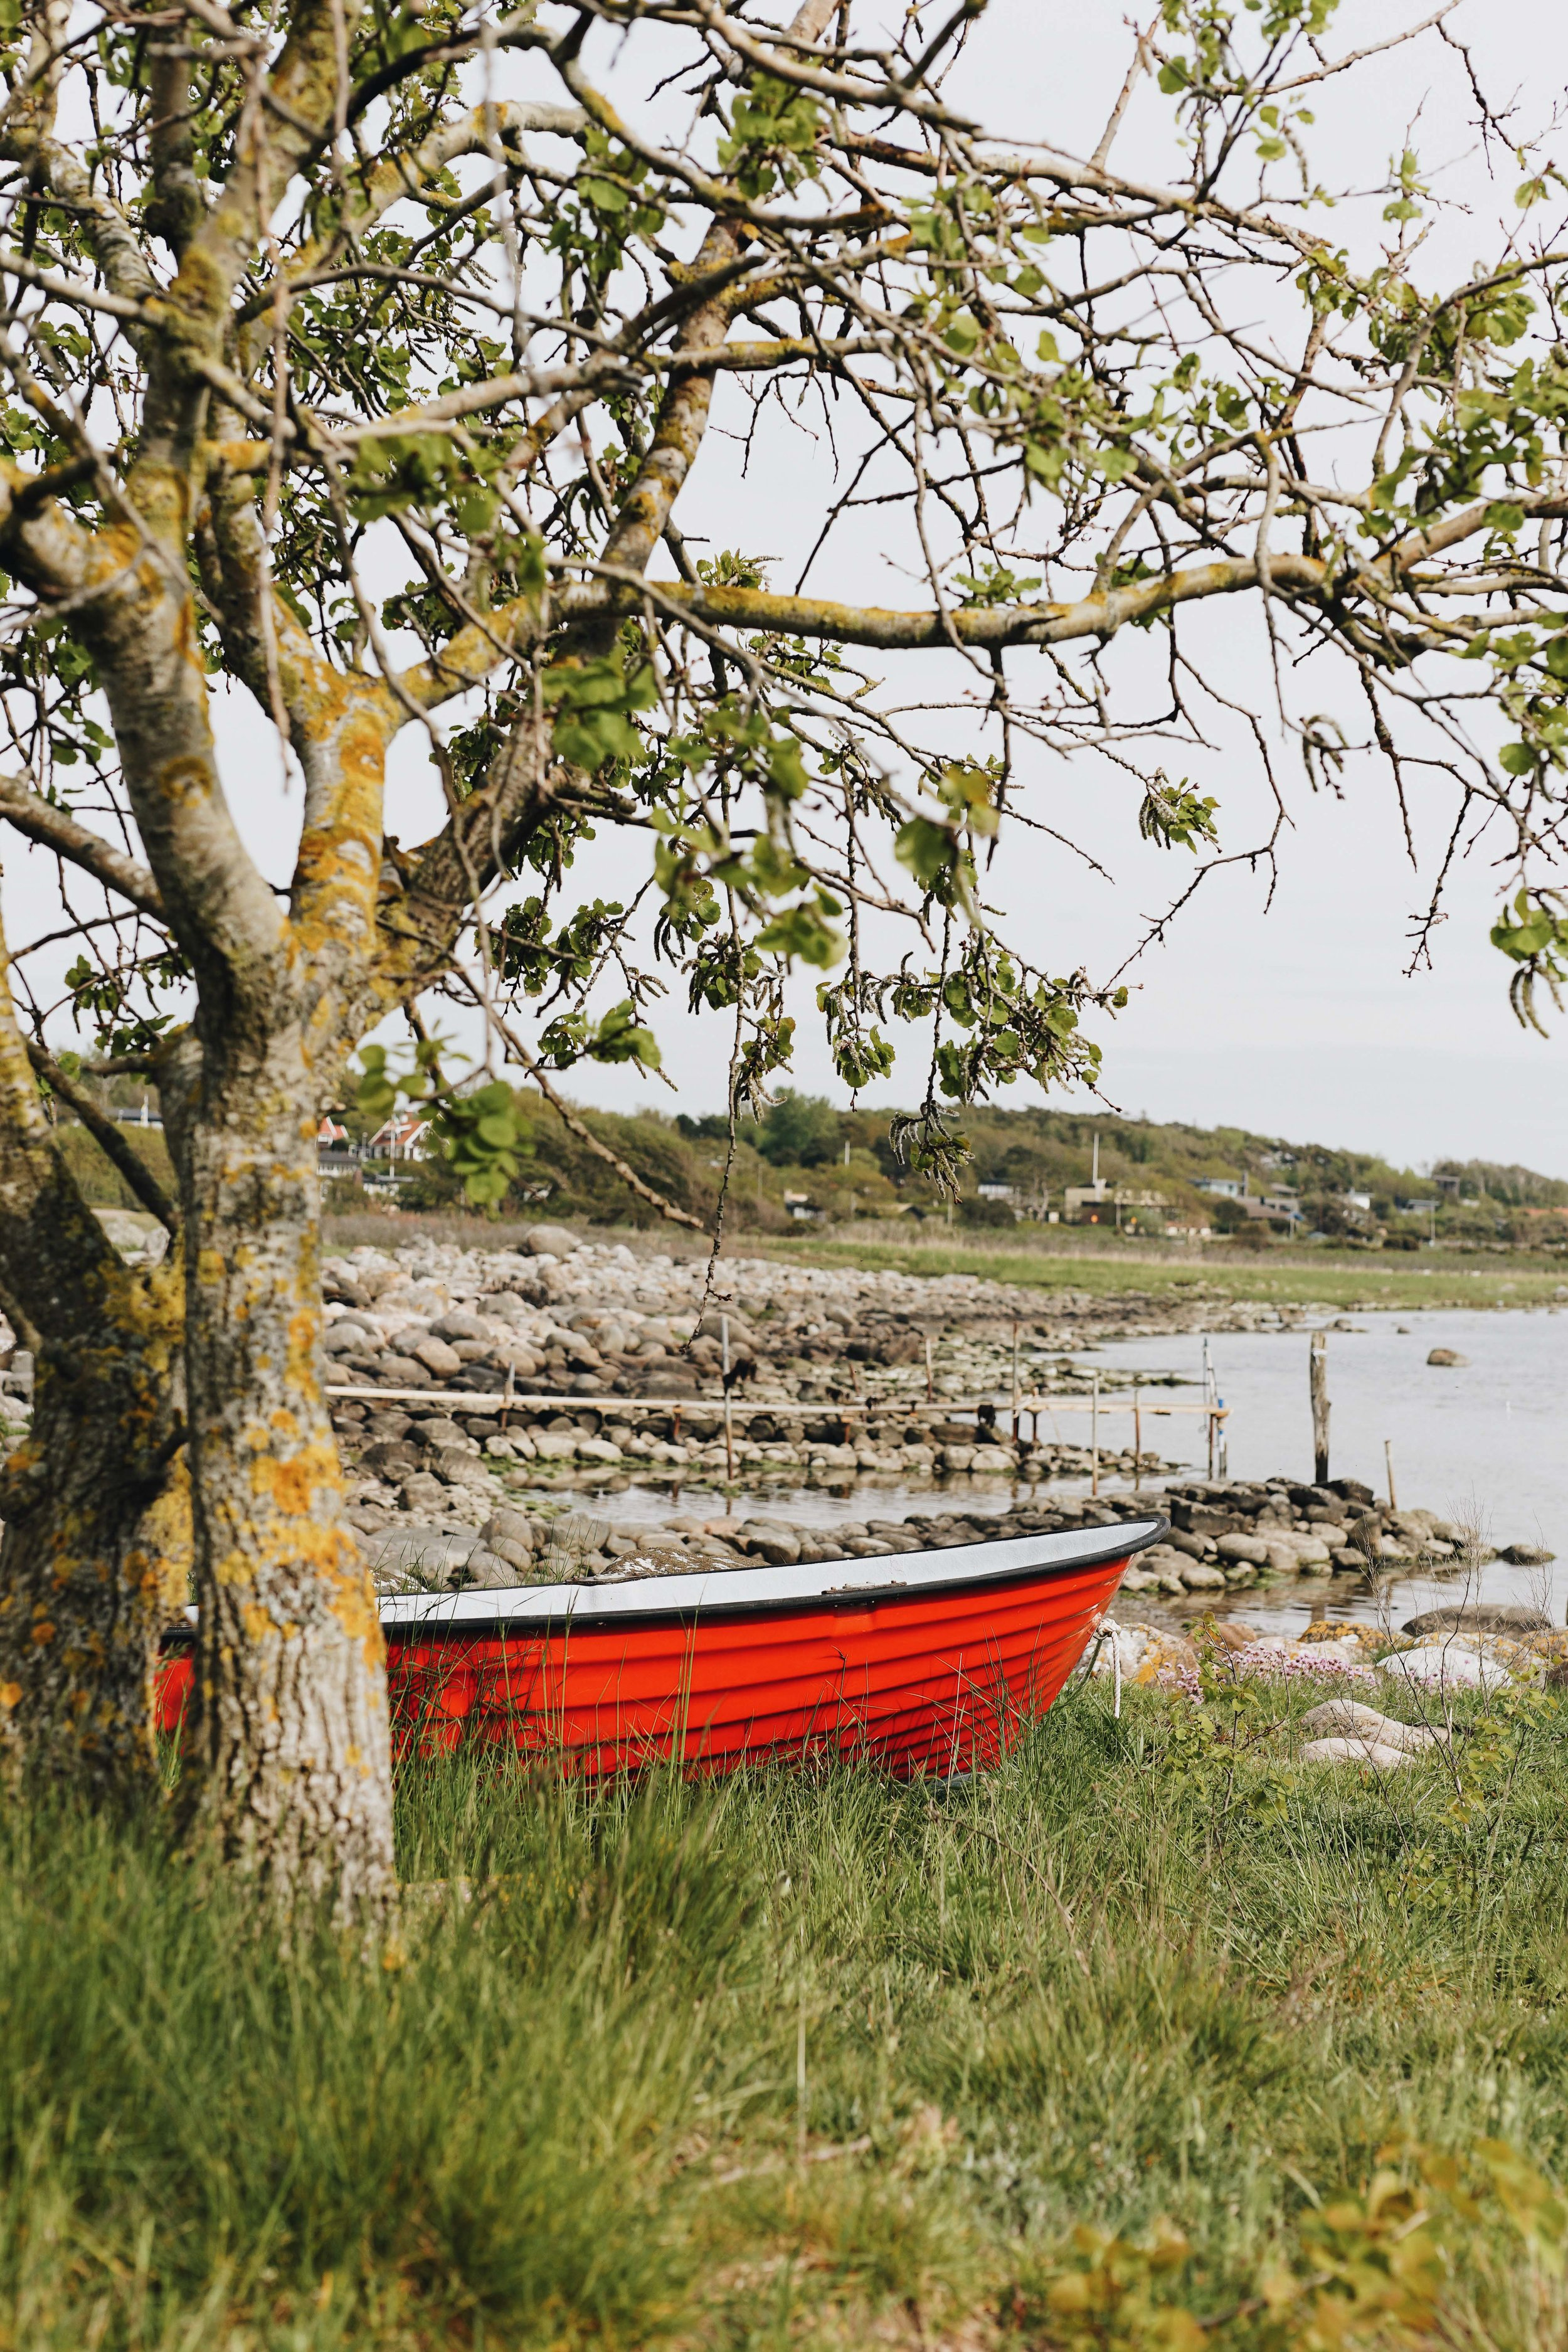 ASROSENVINGE_VisitSkane_Sweden_Vejbystrand_Harbour_Seaside_LowRes-180.jpg